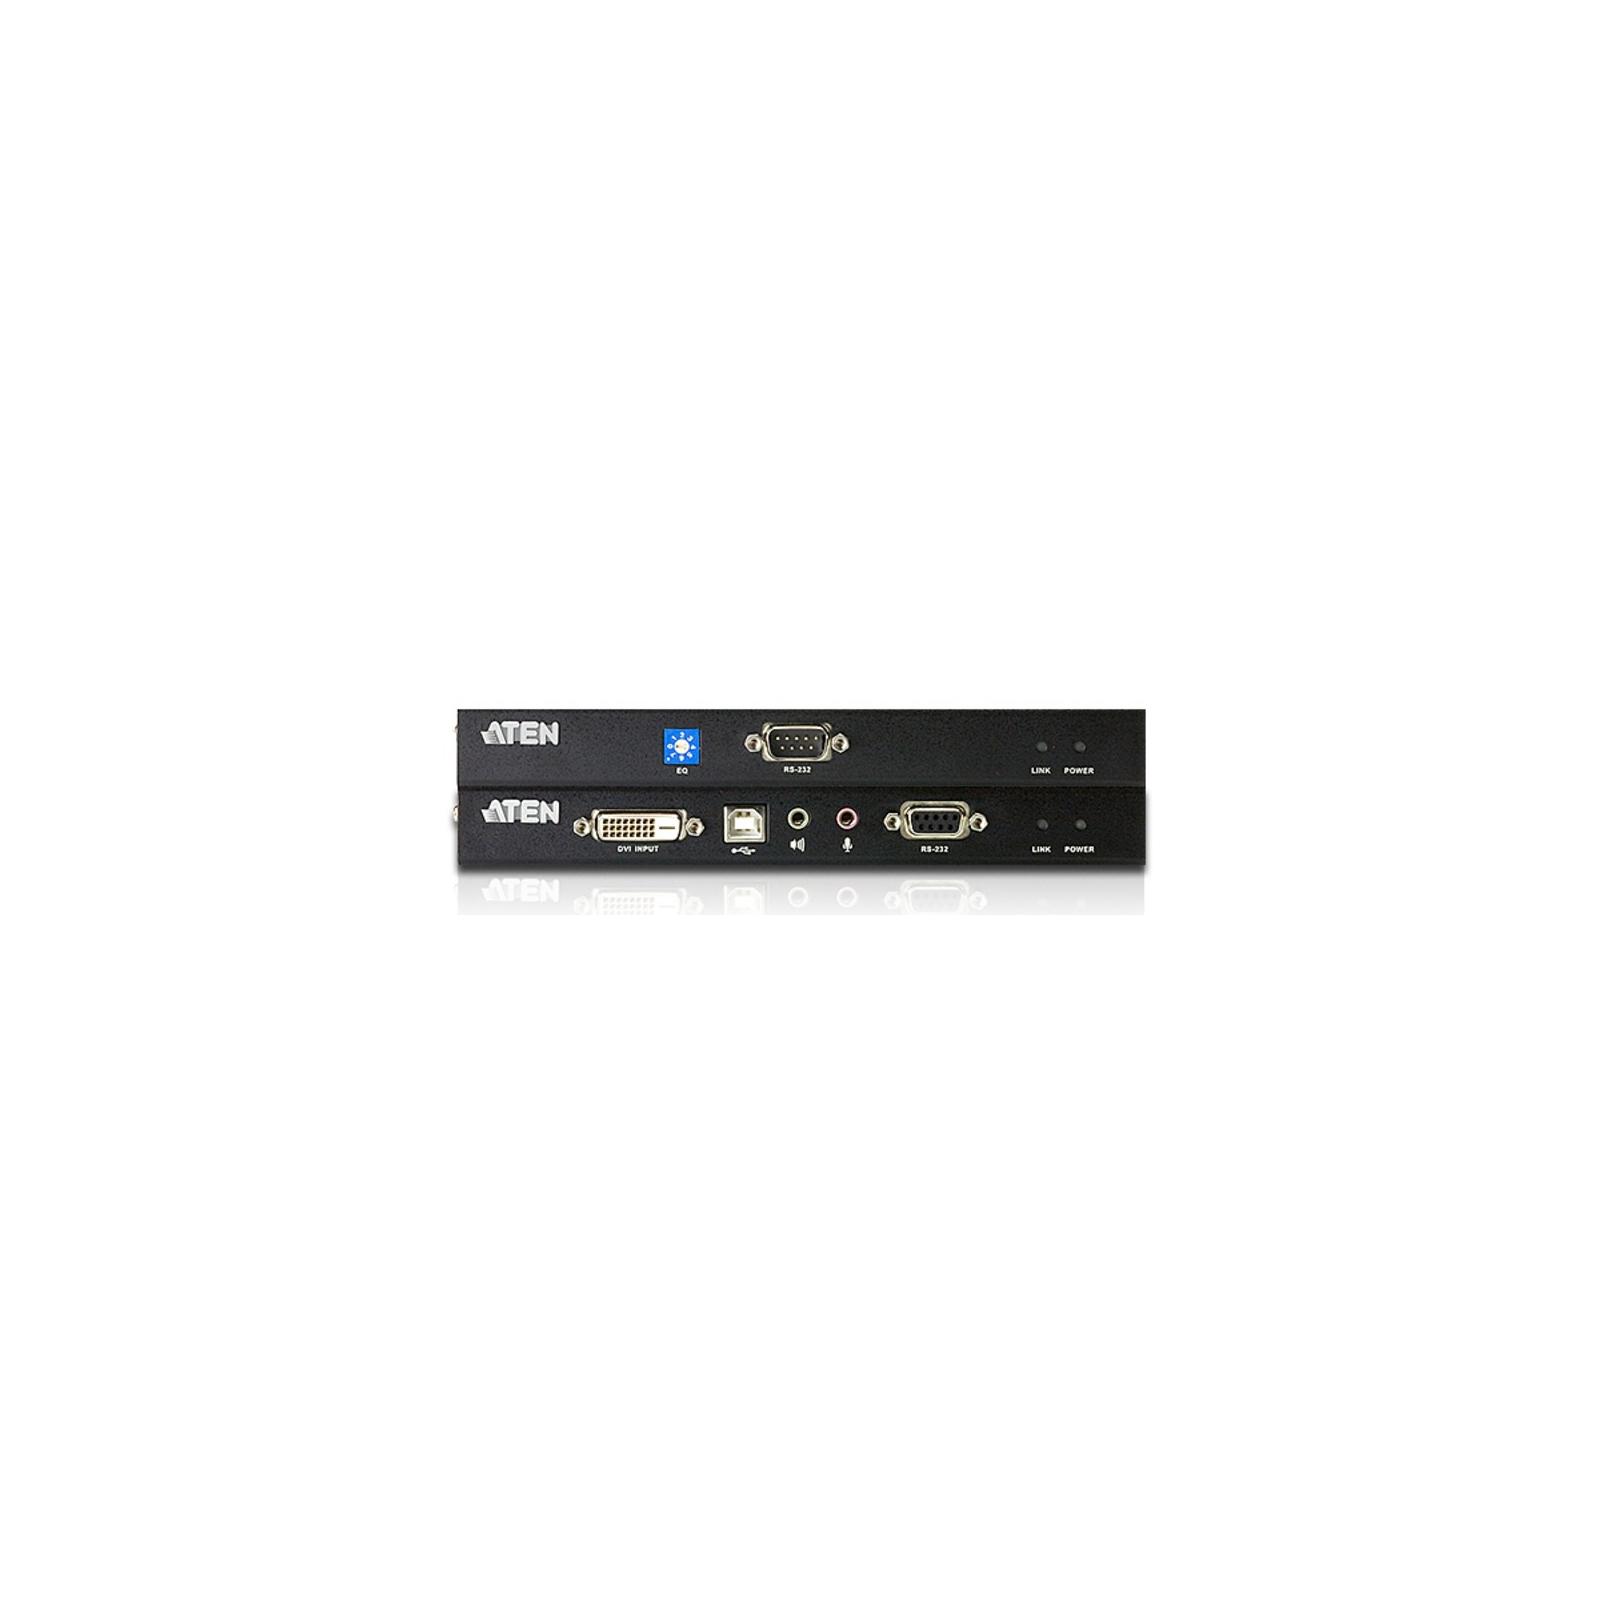 Коммутатор KVM Aten CE-602 изображение 3